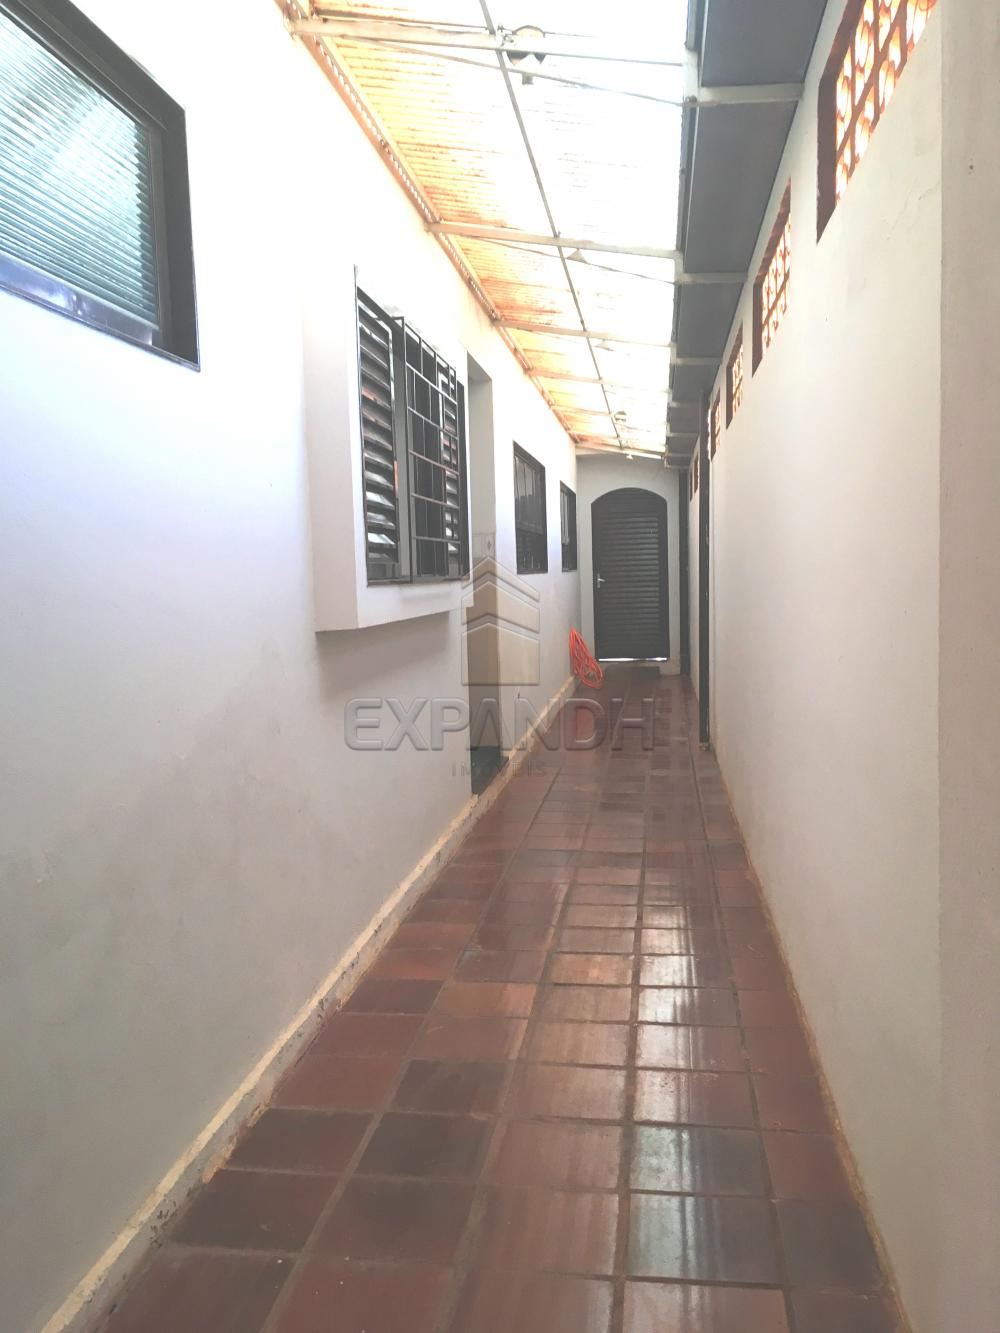 Comprar Casas / Padrão em Sertãozinho R$ 410.000,00 - Foto 21